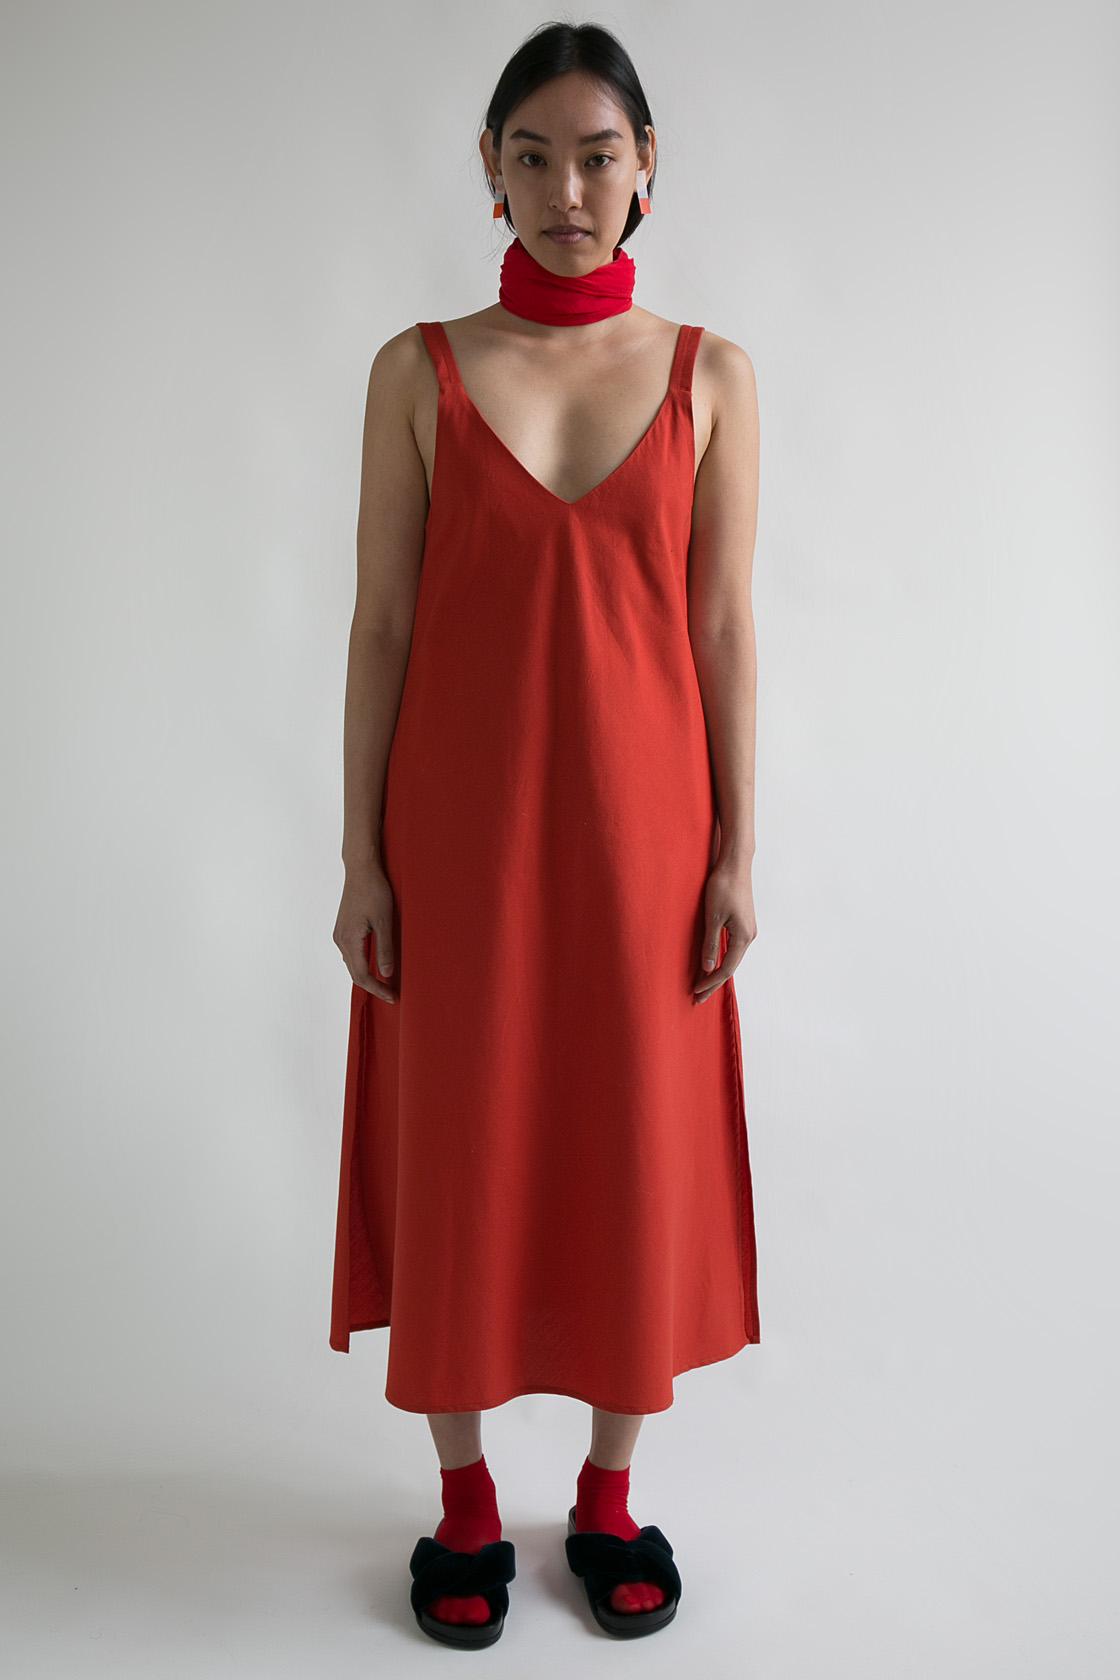 Rasa Dress  XS S M L  $298